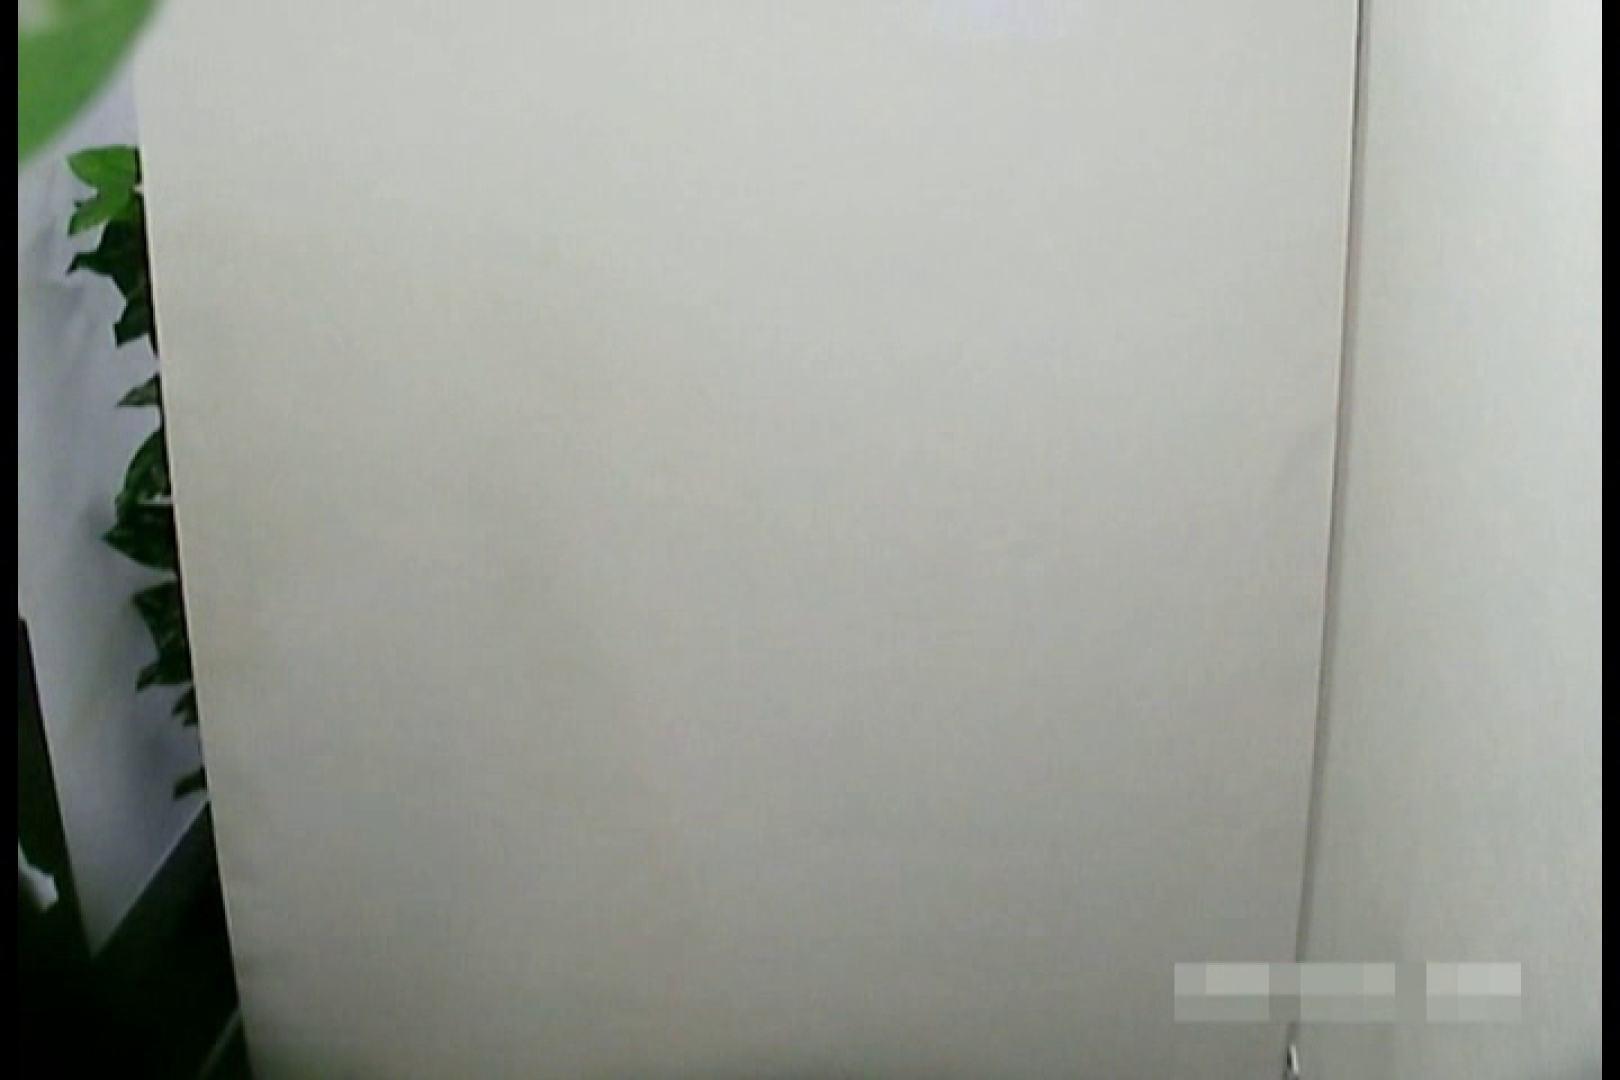 素人撮影 下着だけの撮影のはずが・・・エミちゃん18歳 すけべな水着 ワレメ動画紹介 107pic 107